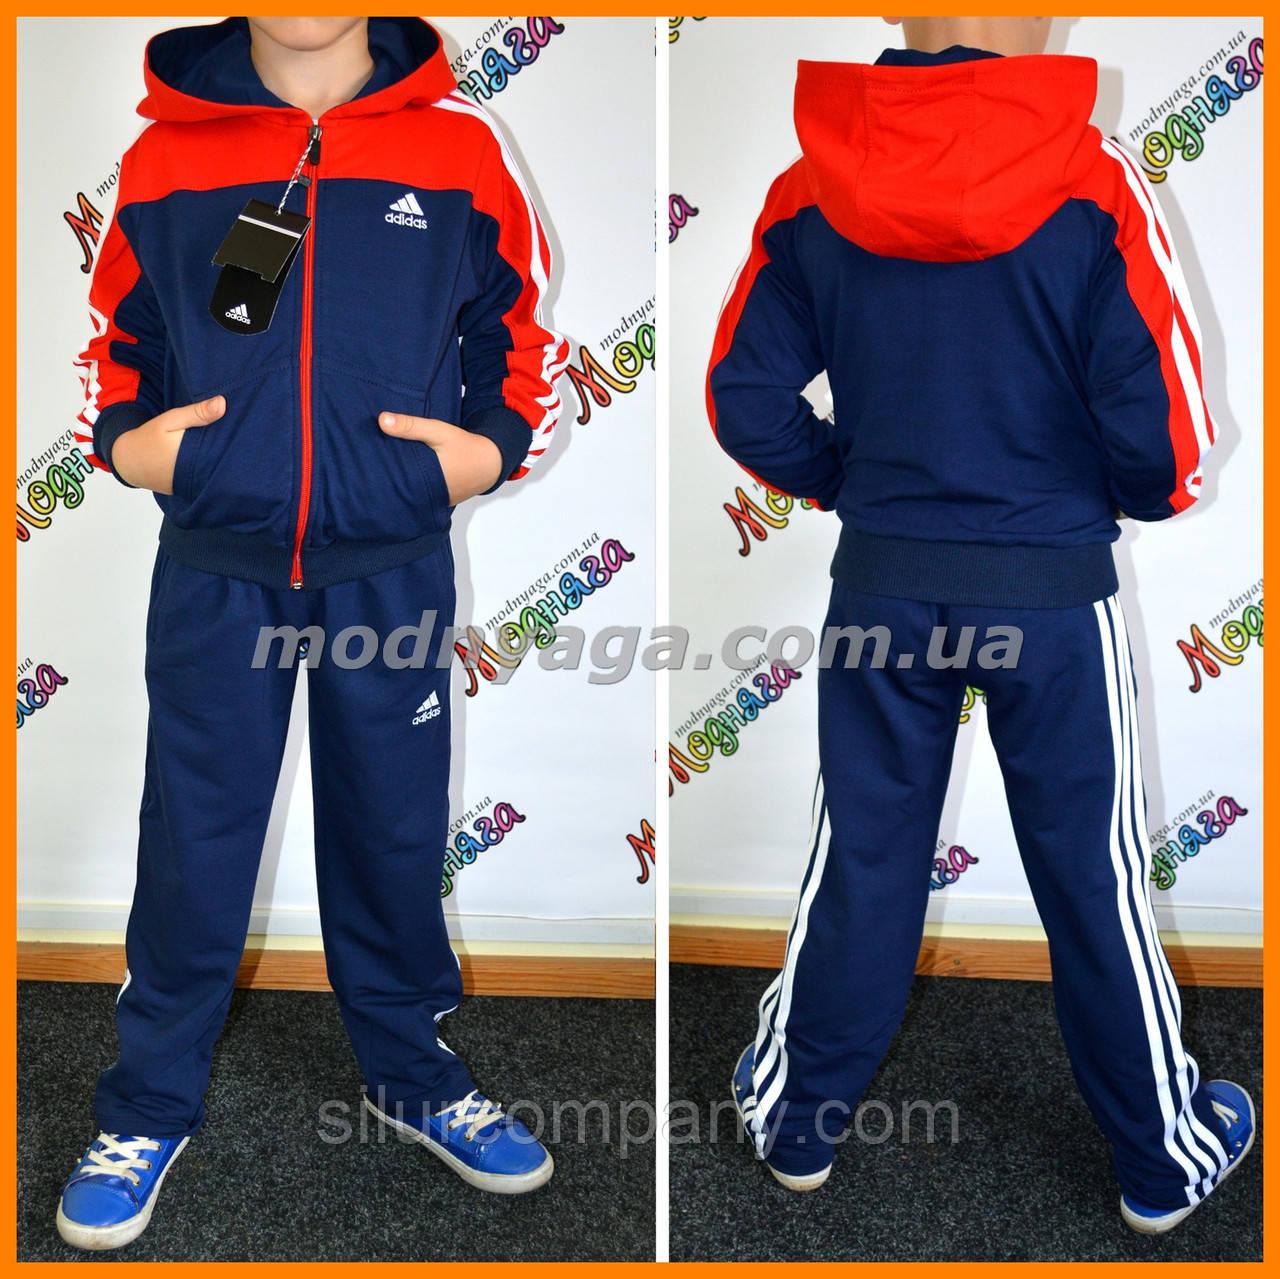 8fad93e9 Разминочный костюм Adidas RU Athlete - Одежда ADIDAS - Интернет-магазин  SportLive. Купить одежду, обувь, сумки, текстиль и очки adidas от 400 руб